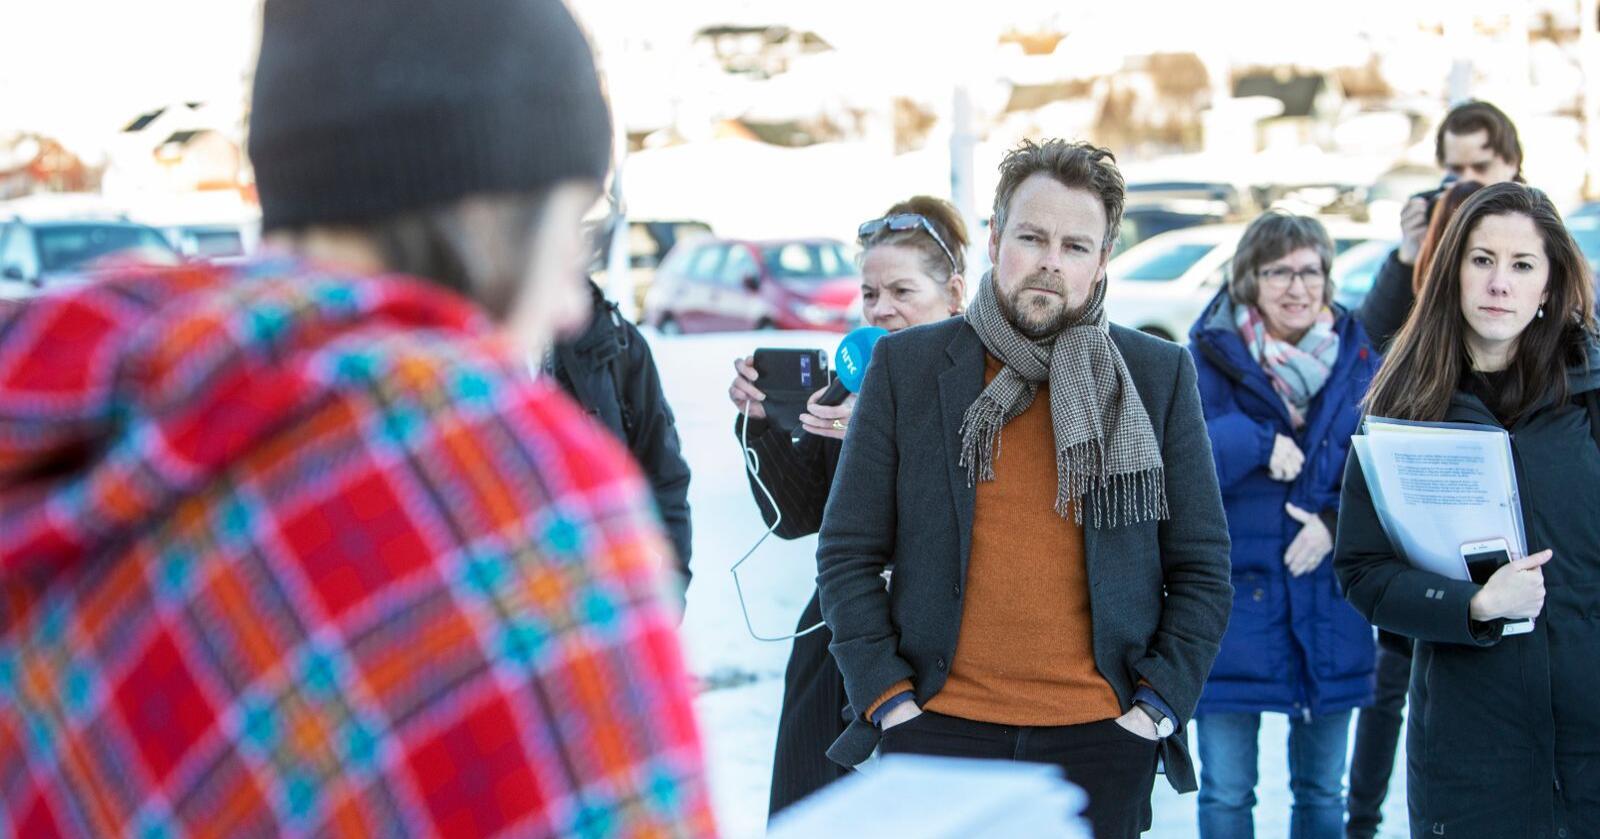 Næringsminister Torbjørn Røe Isaksen (H) deltok i et folkemøte i Kvalsund i april for å snakke om tillatelsen regjeringen har gitt selskapet Nussir til å utvinne kobber. Vedtaket om å gi driftskonsesjonen blir opprettholdt, etter at saken ble behandlet i statsråd fredag. Foto: Ole Berg-Rusten / NTB scanpix